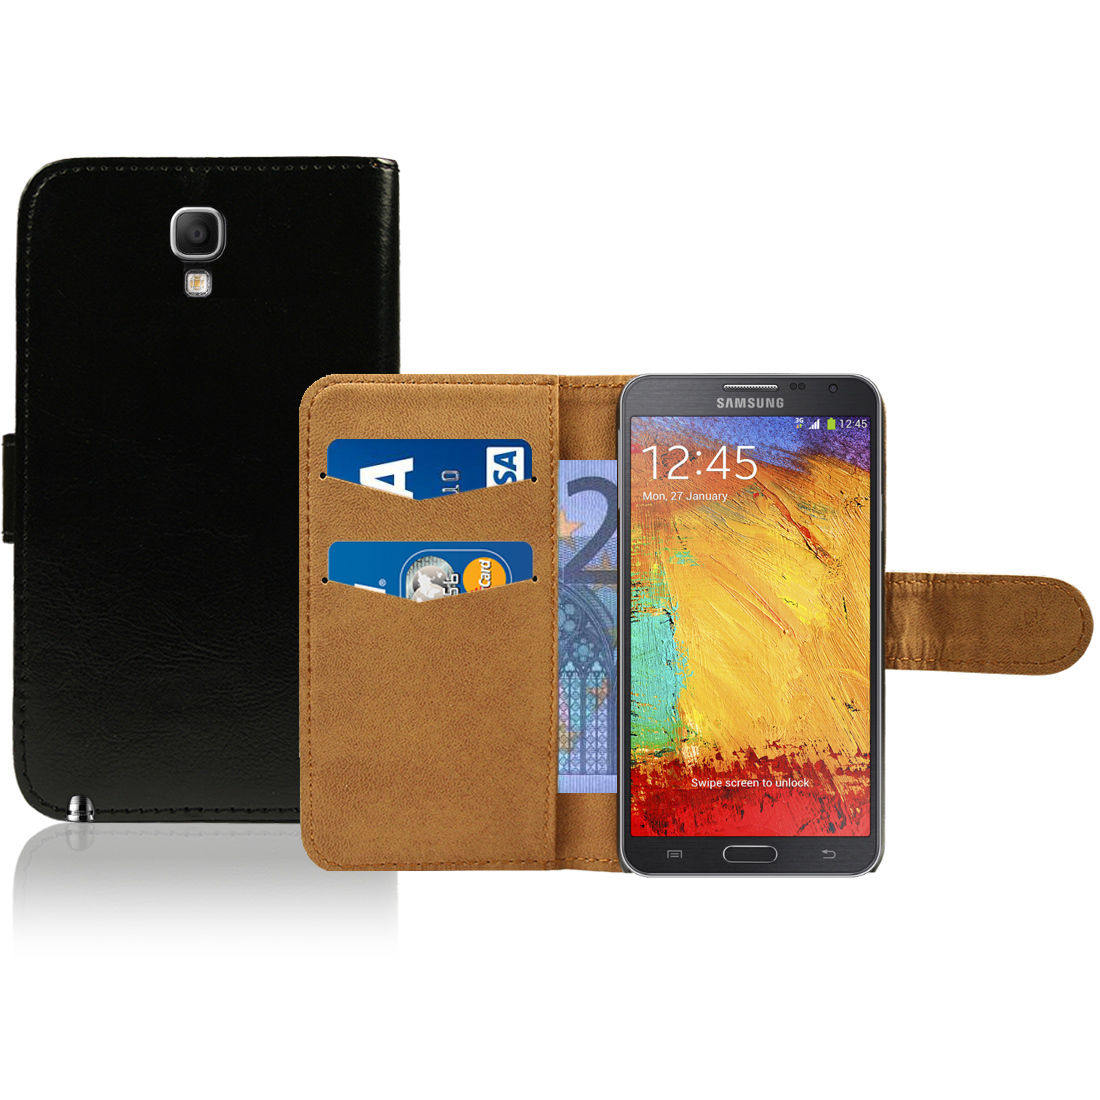 Pouzdro pro Samsung Galaxy Note 3 Neo černé